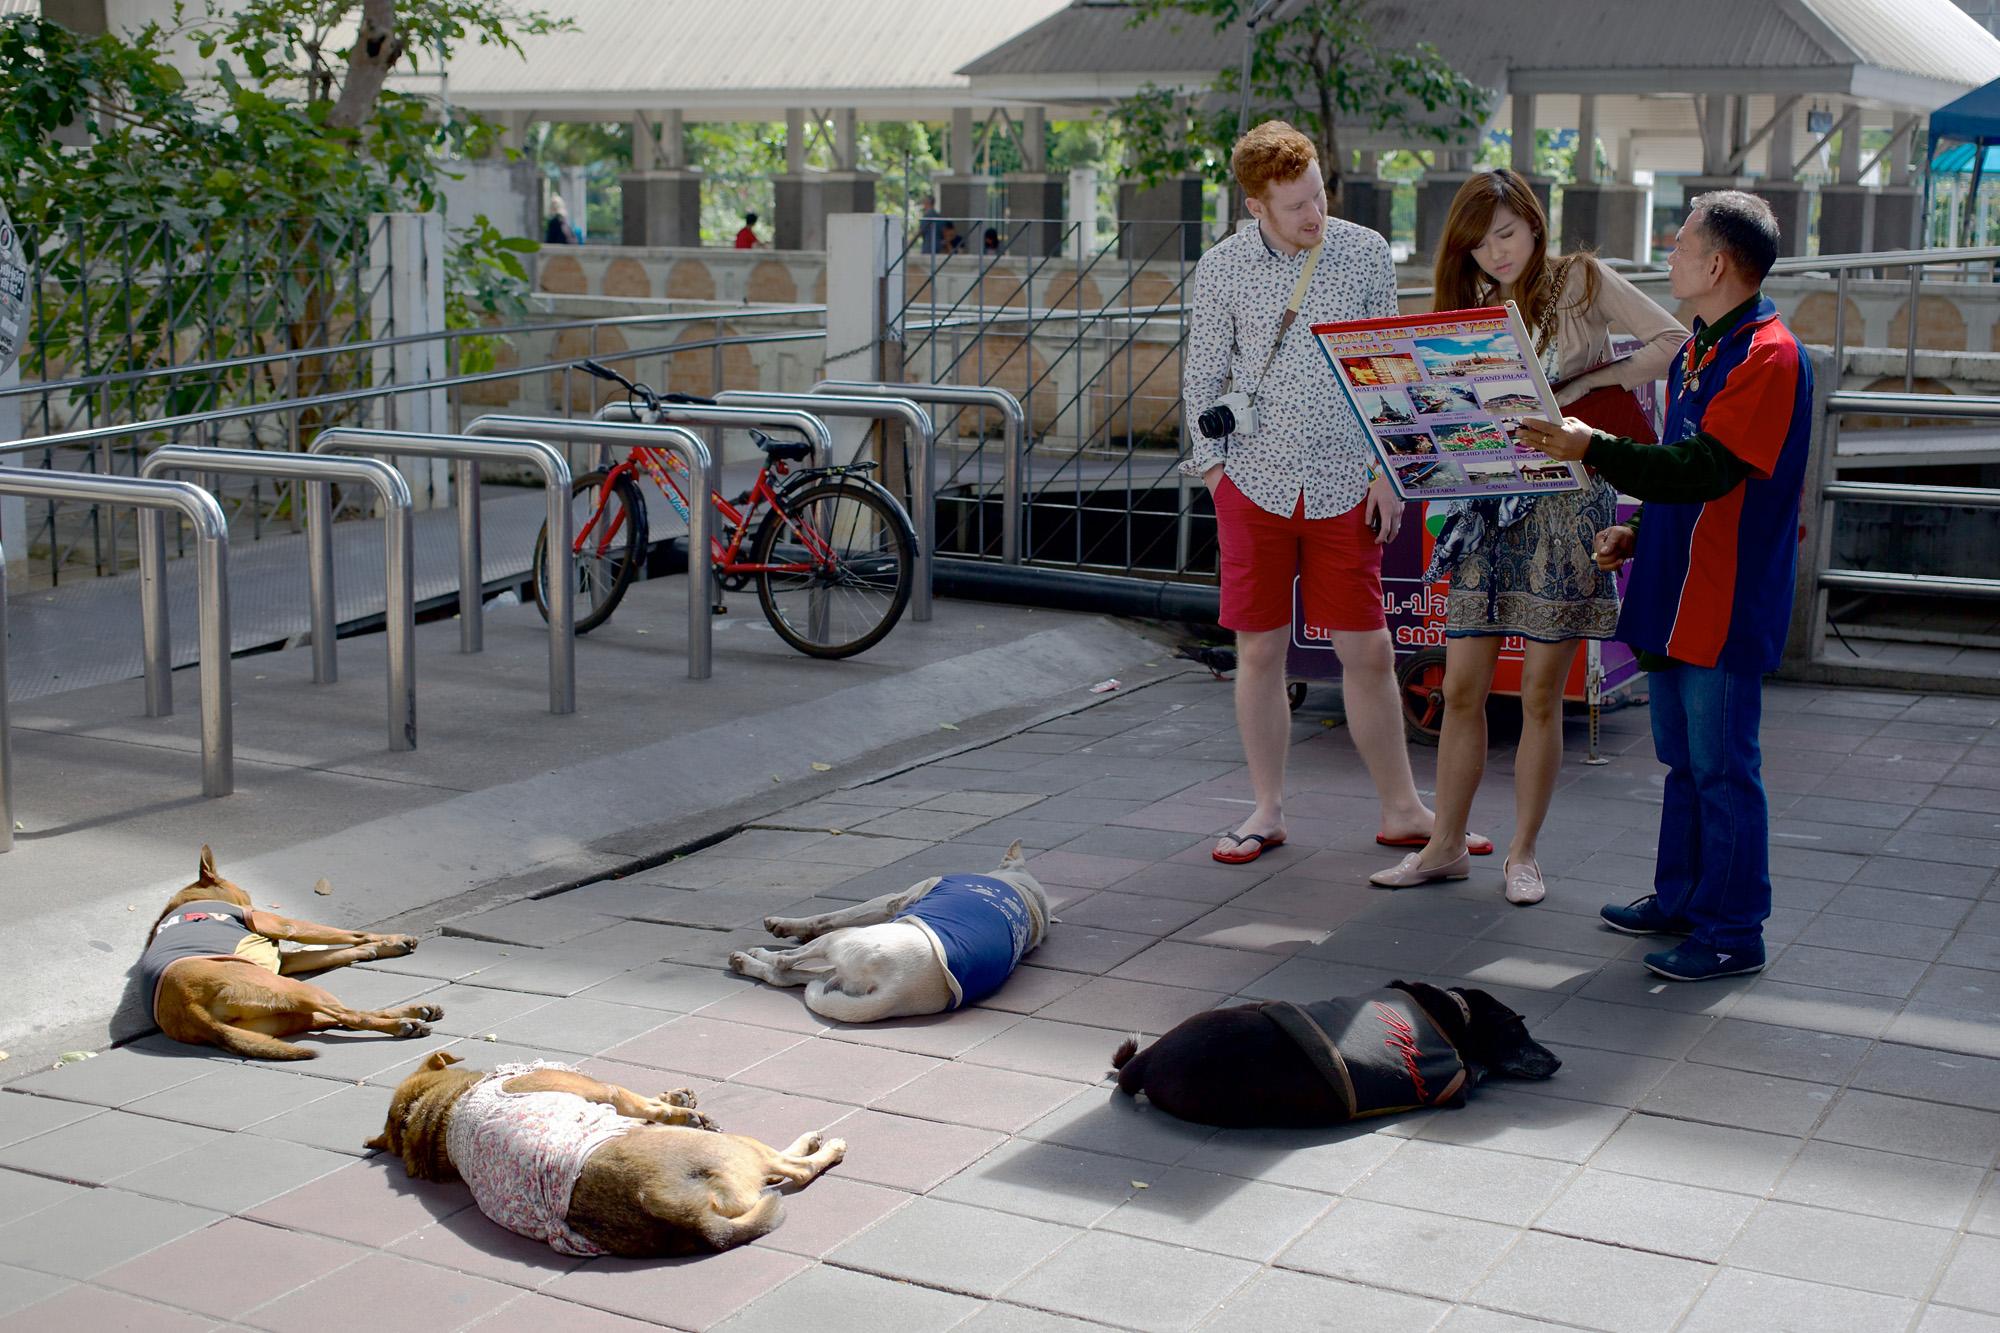 Four dogs, asleep